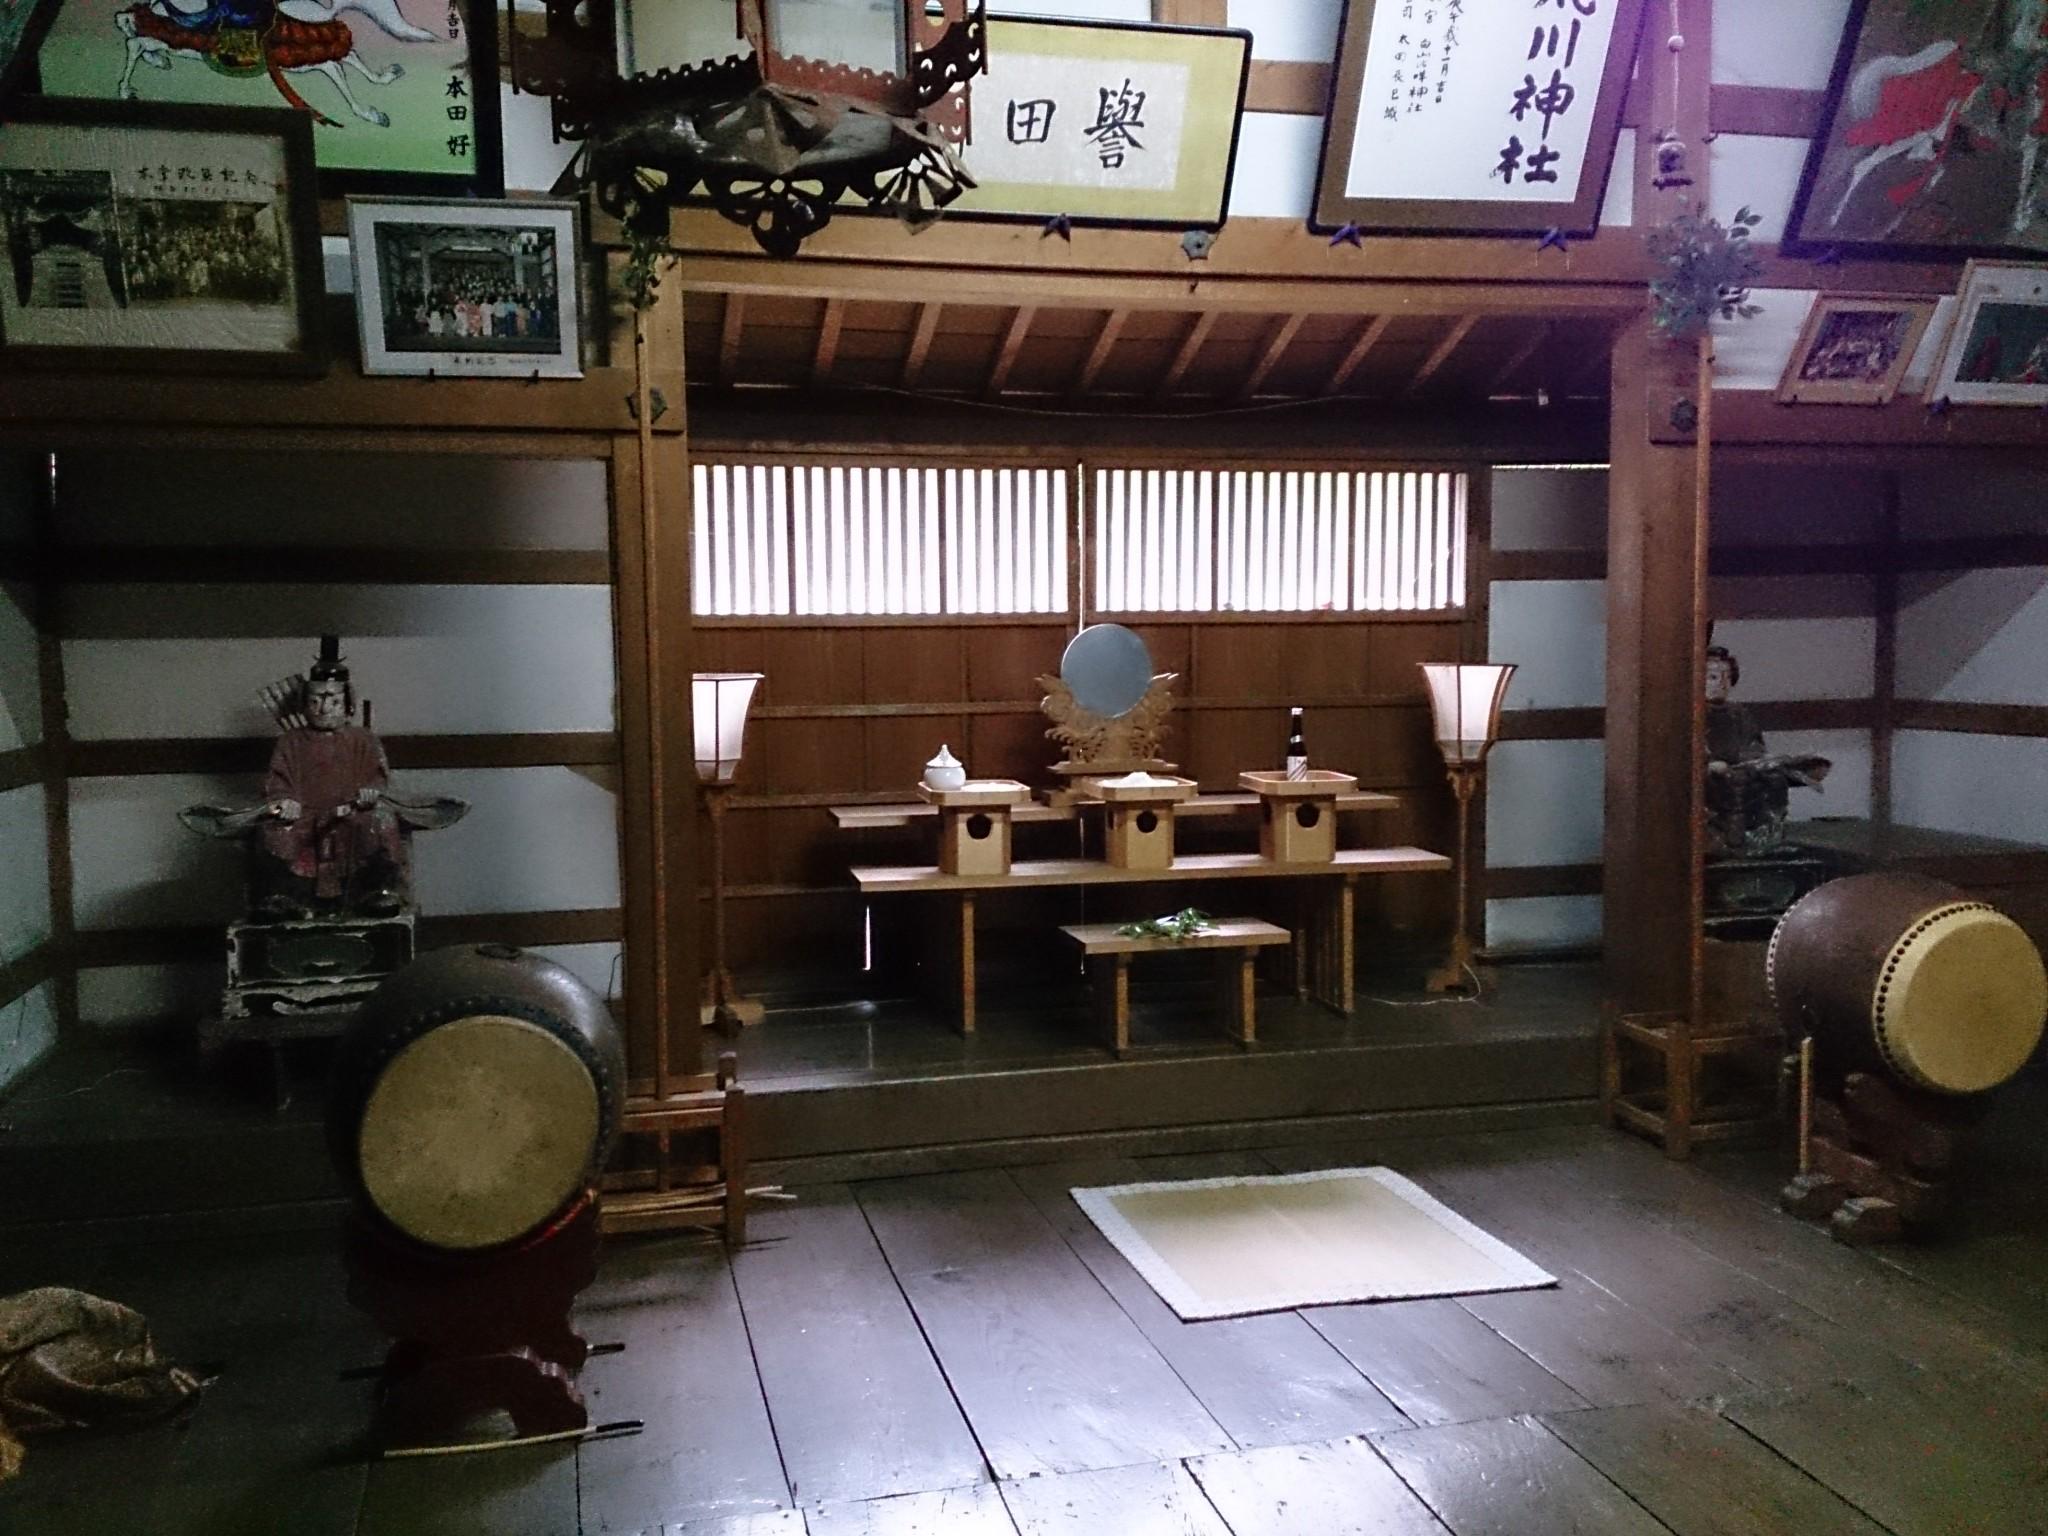 平成25年荒川神社拝殿 アイキャッチに使用